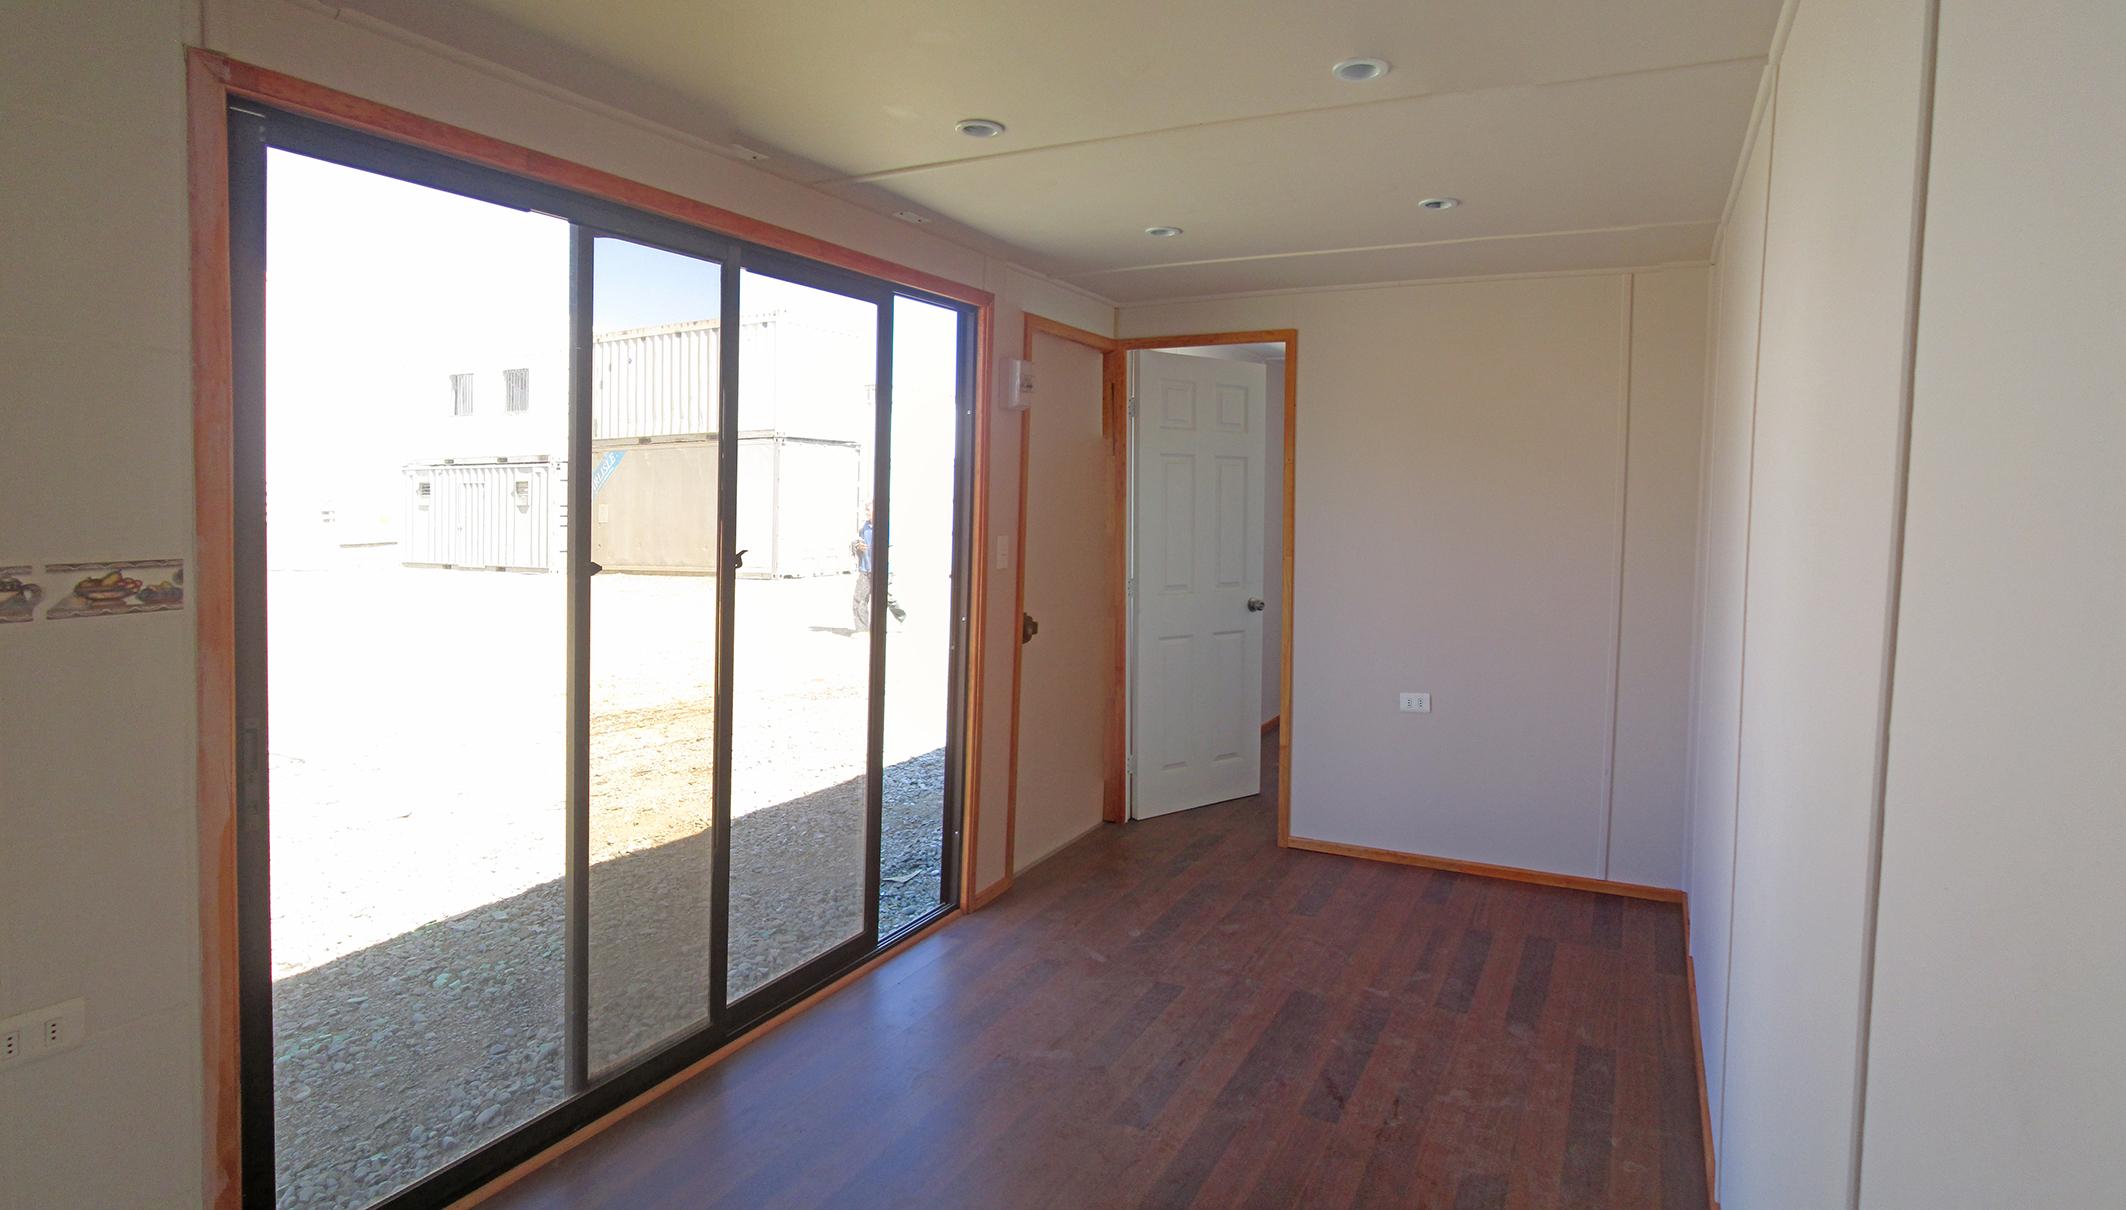 Construye tu propia casa en container con boxtam - Haz tu propia casa ...